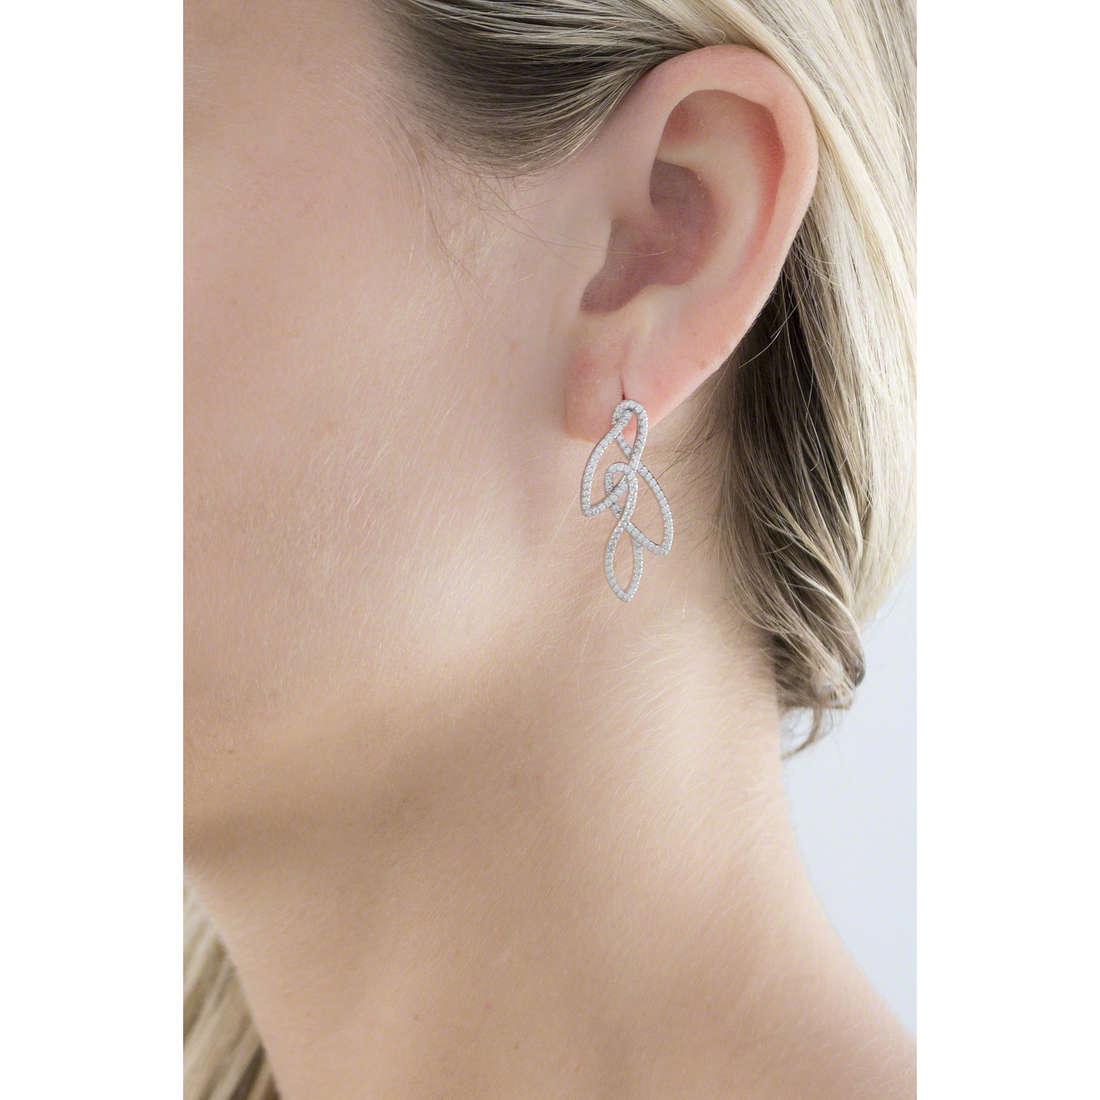 Morellato orecchini 1930 Michelle Hunziker donna SAHA11 indosso